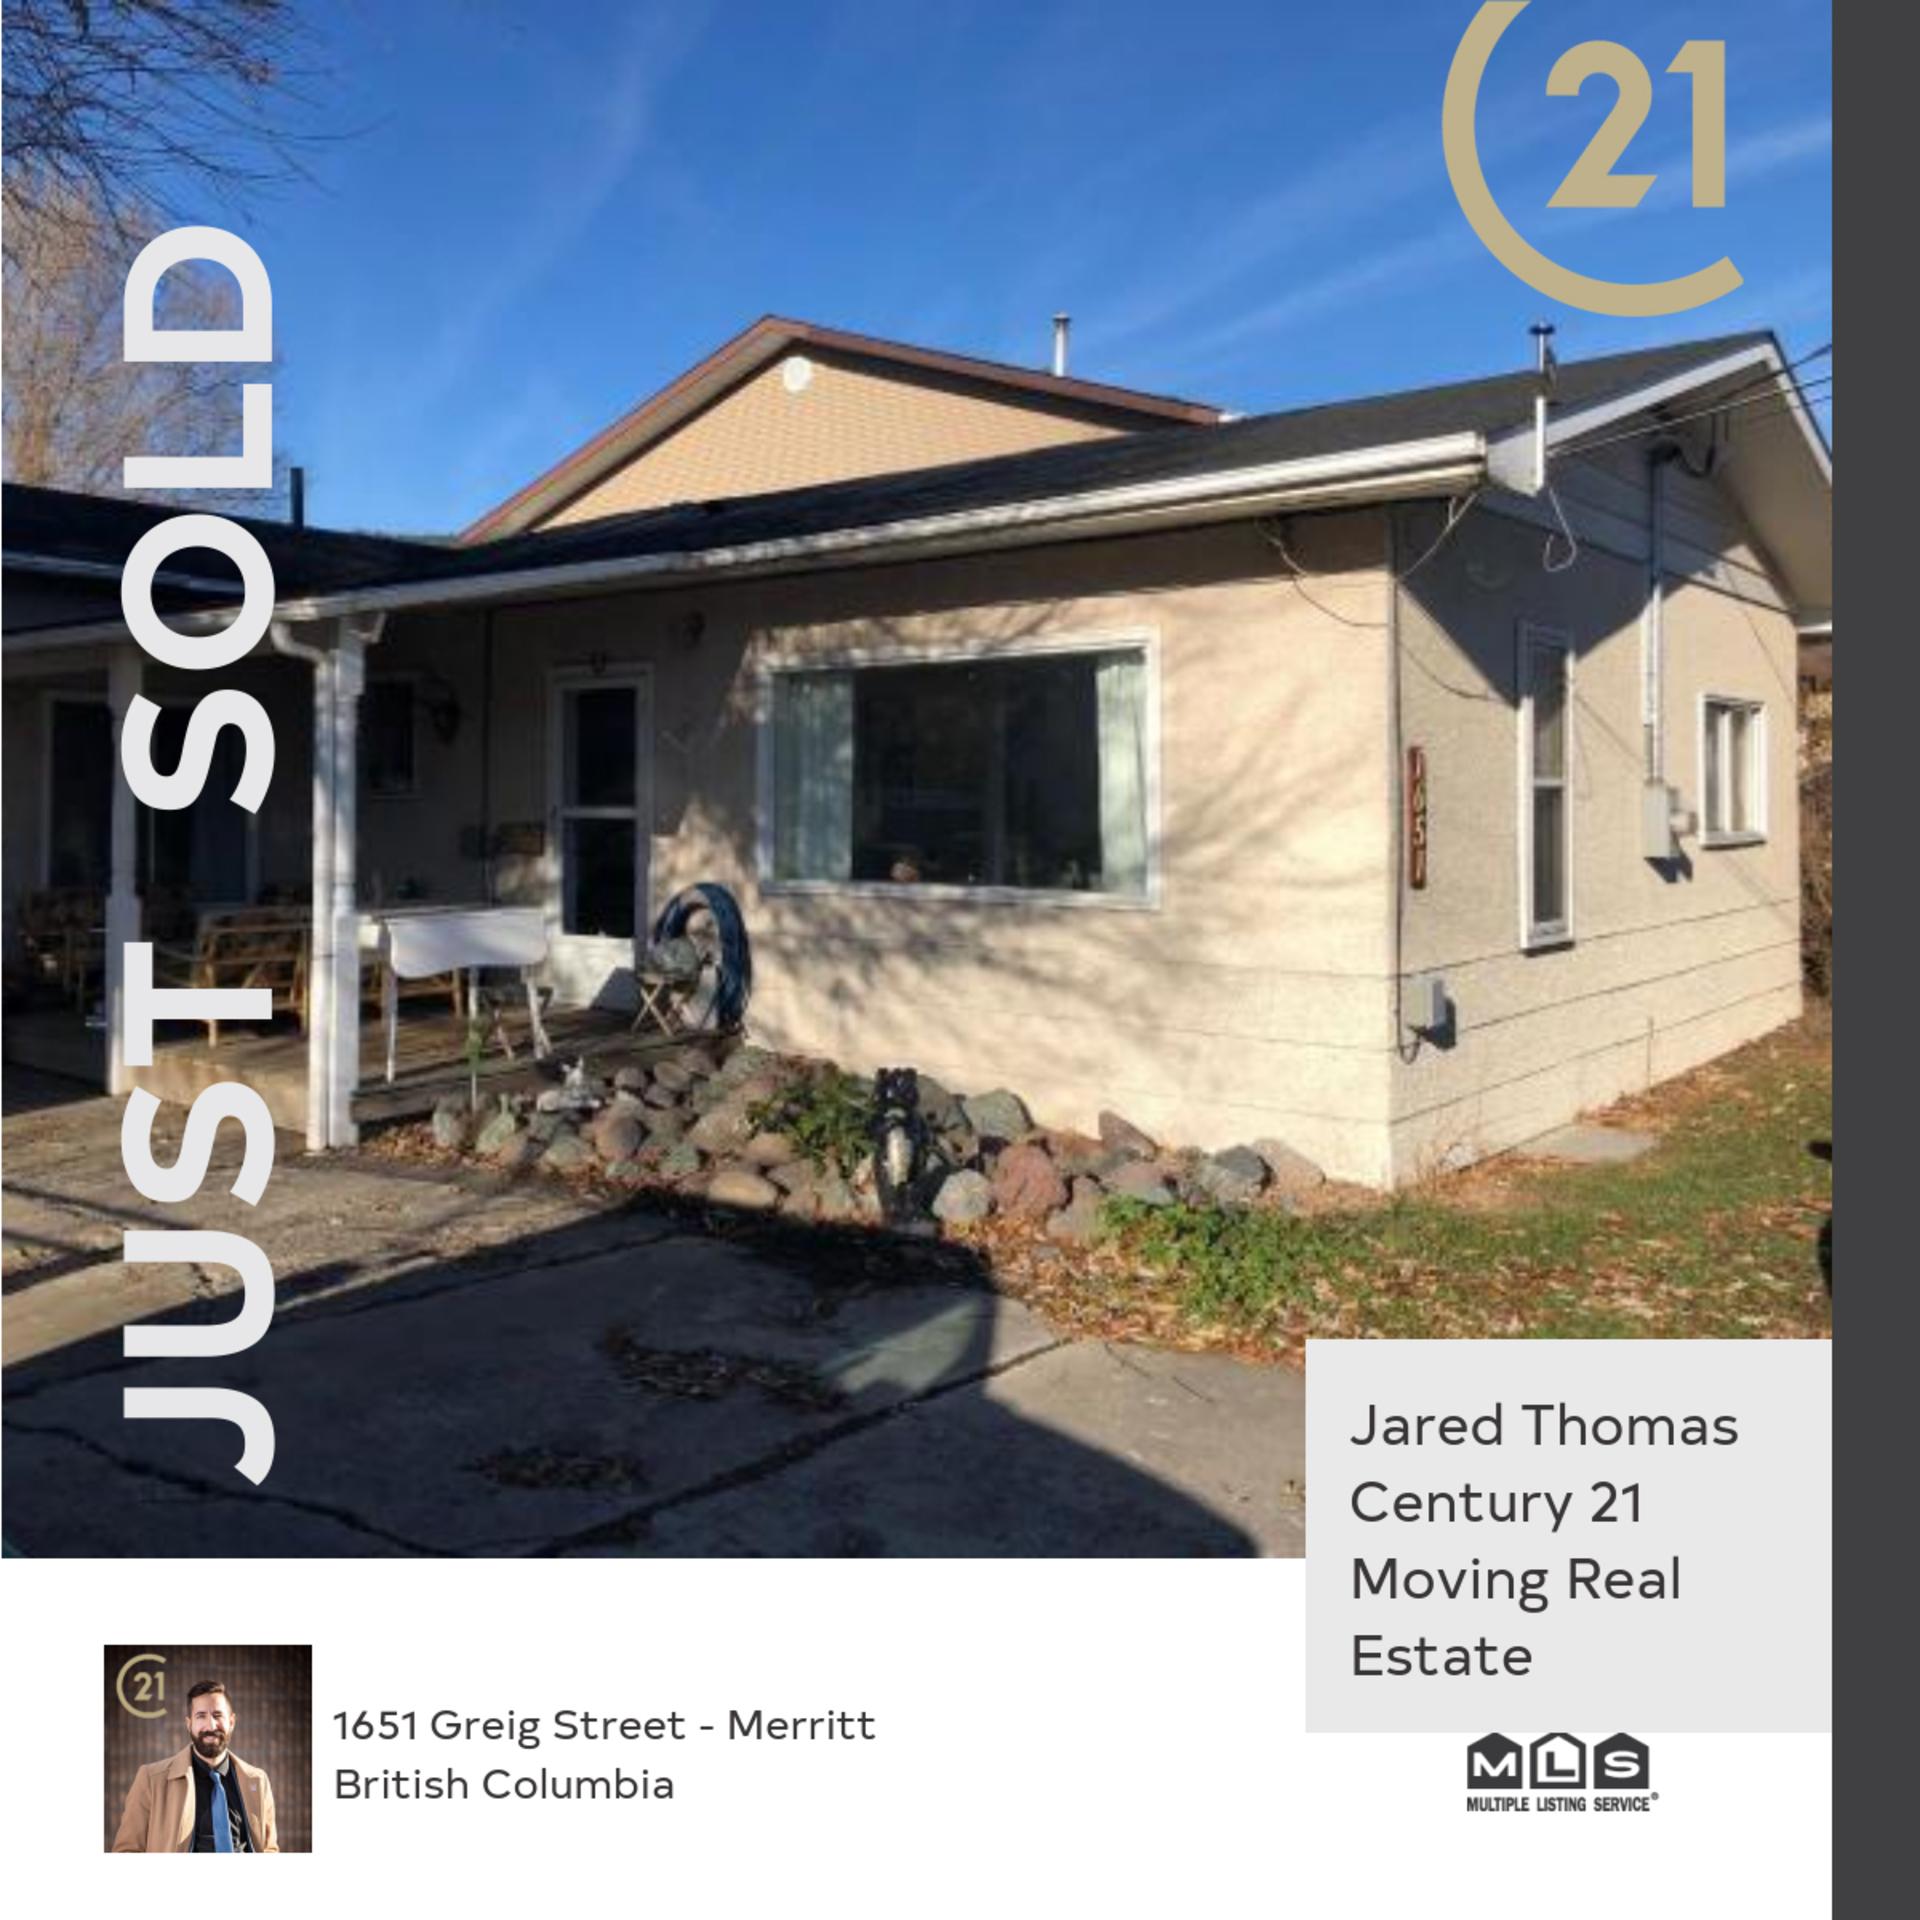 1651 Greig Street, Merritt, South West